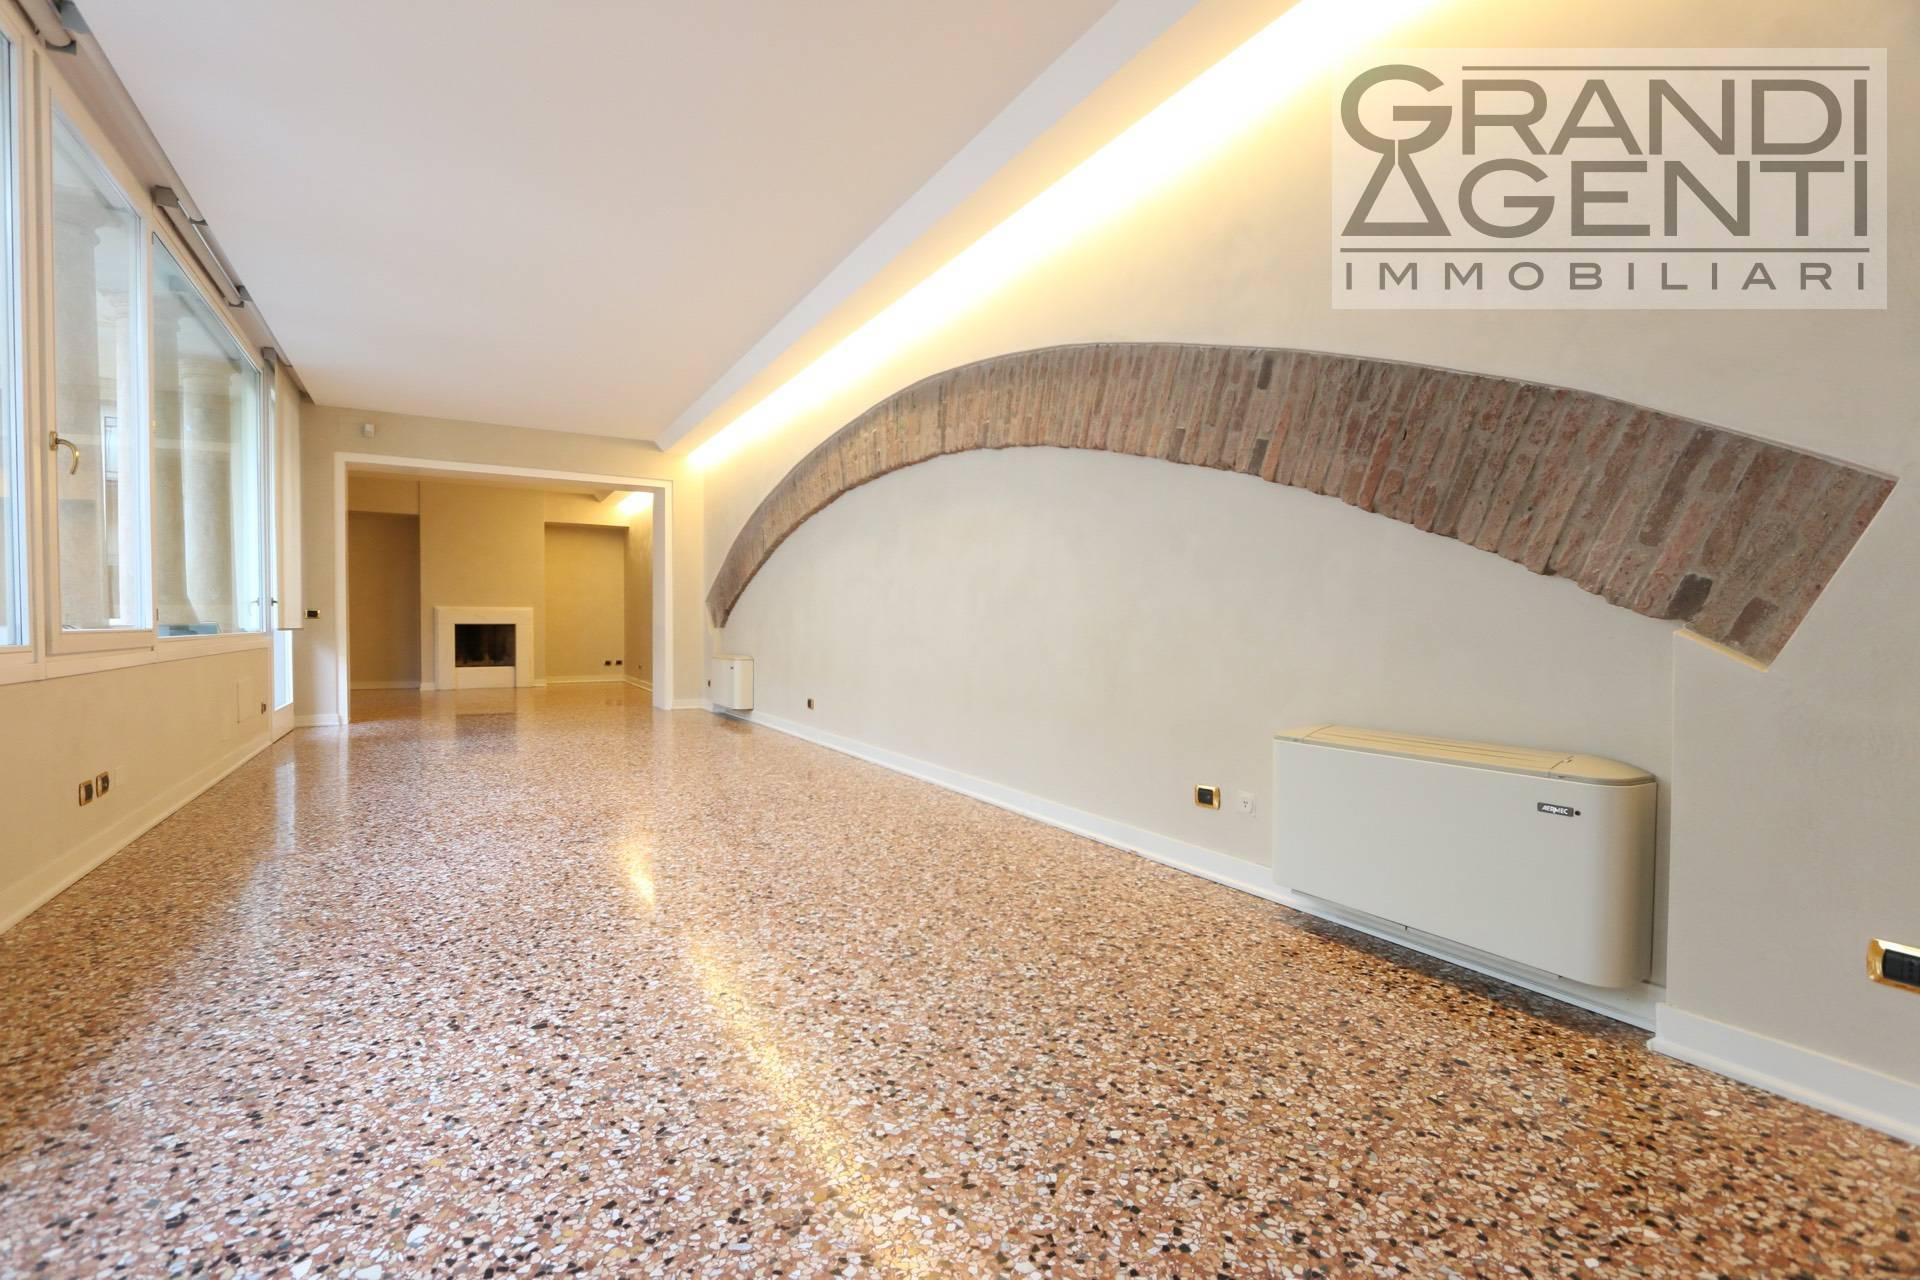 Appartamento in affitto a Verona, 7 locali, zona Località: Centrostorico, prezzo € 3.200   PortaleAgenzieImmobiliari.it